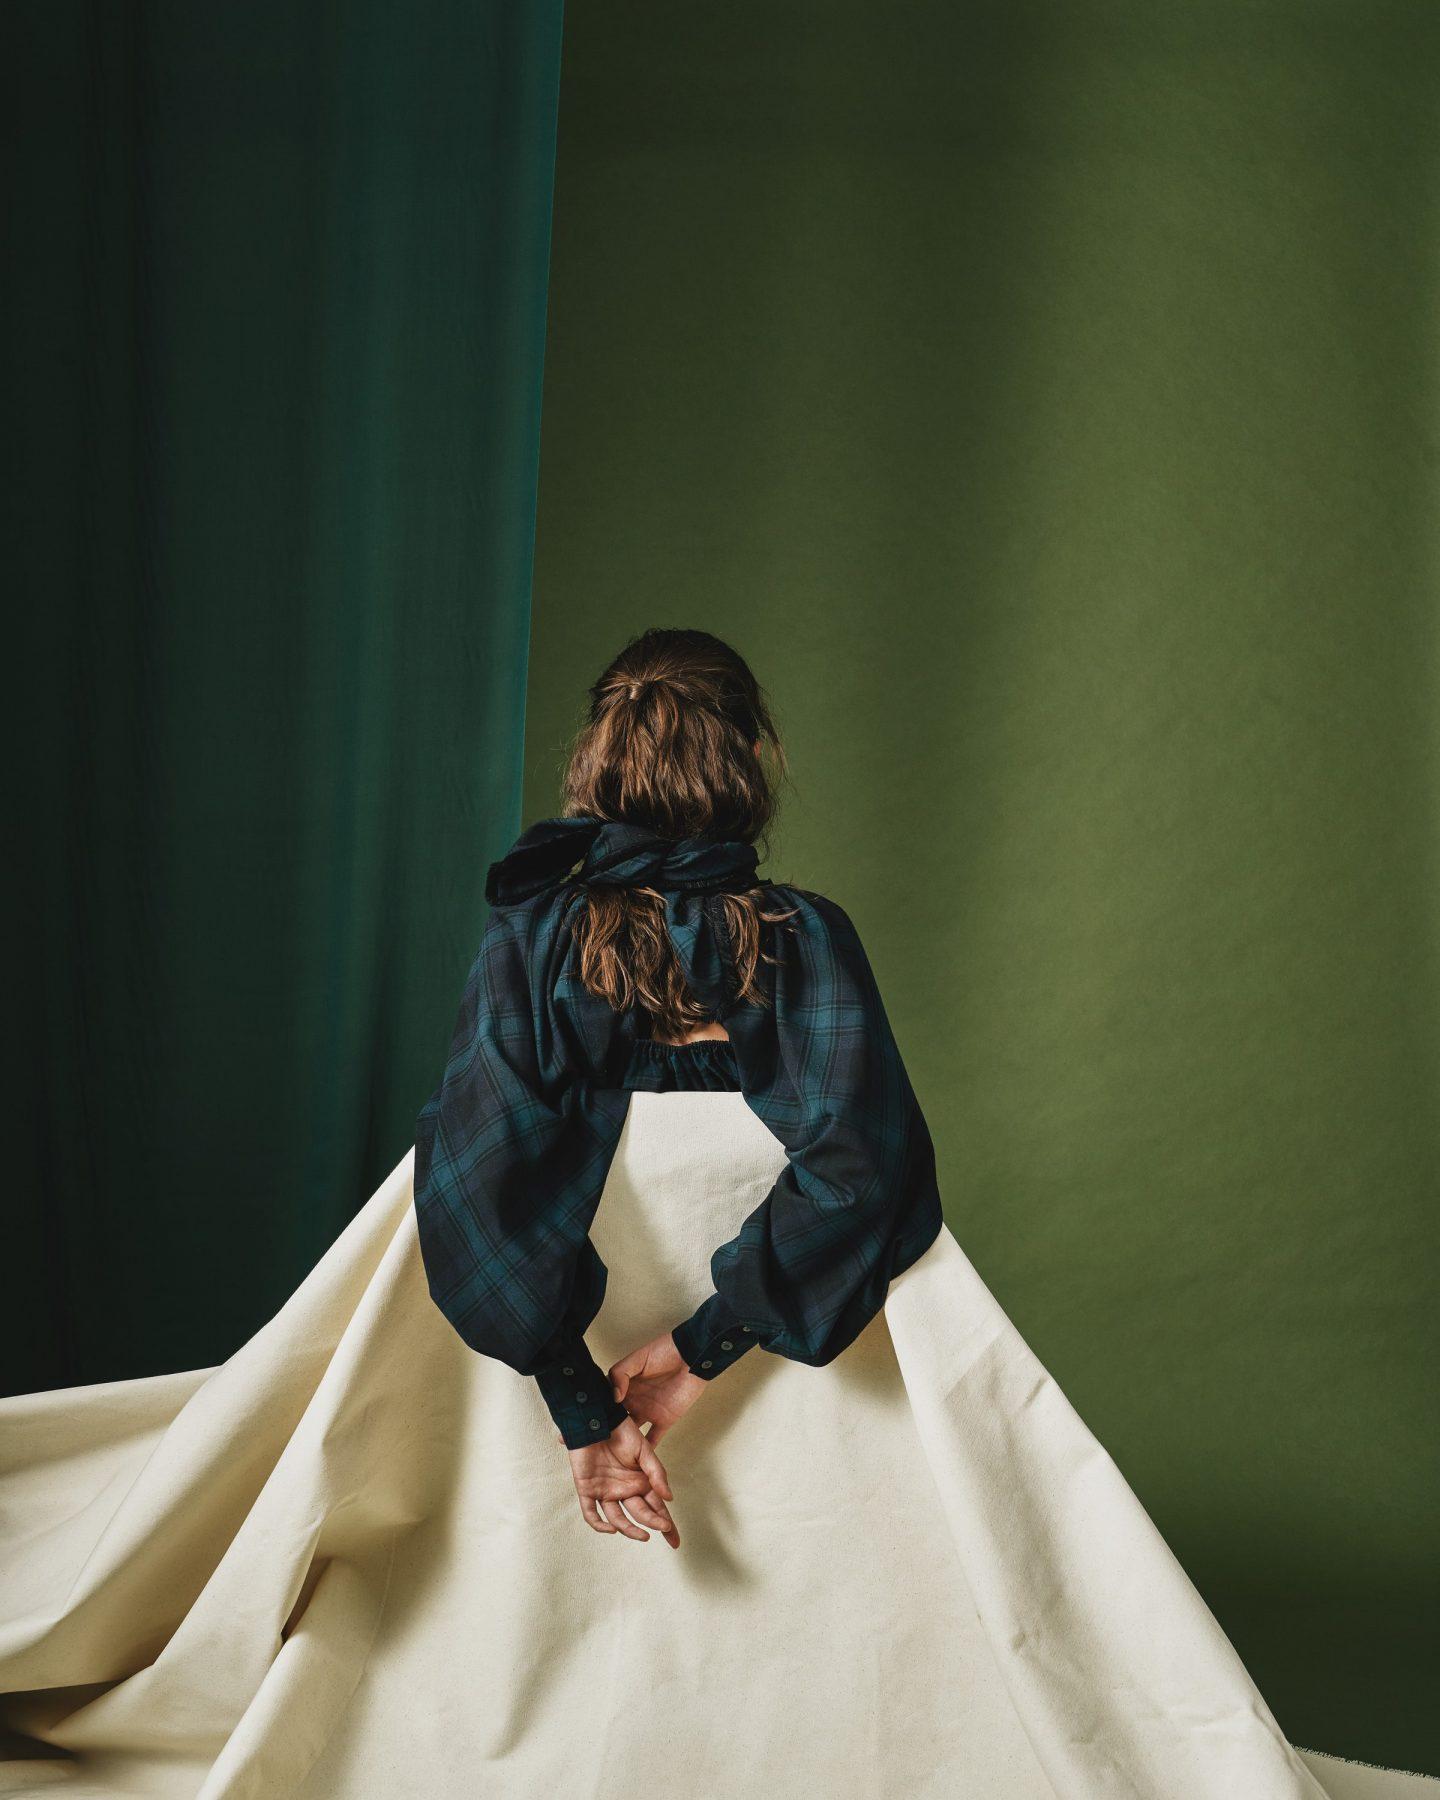 IGNANT-Photography-Zhang-Ahuei-02